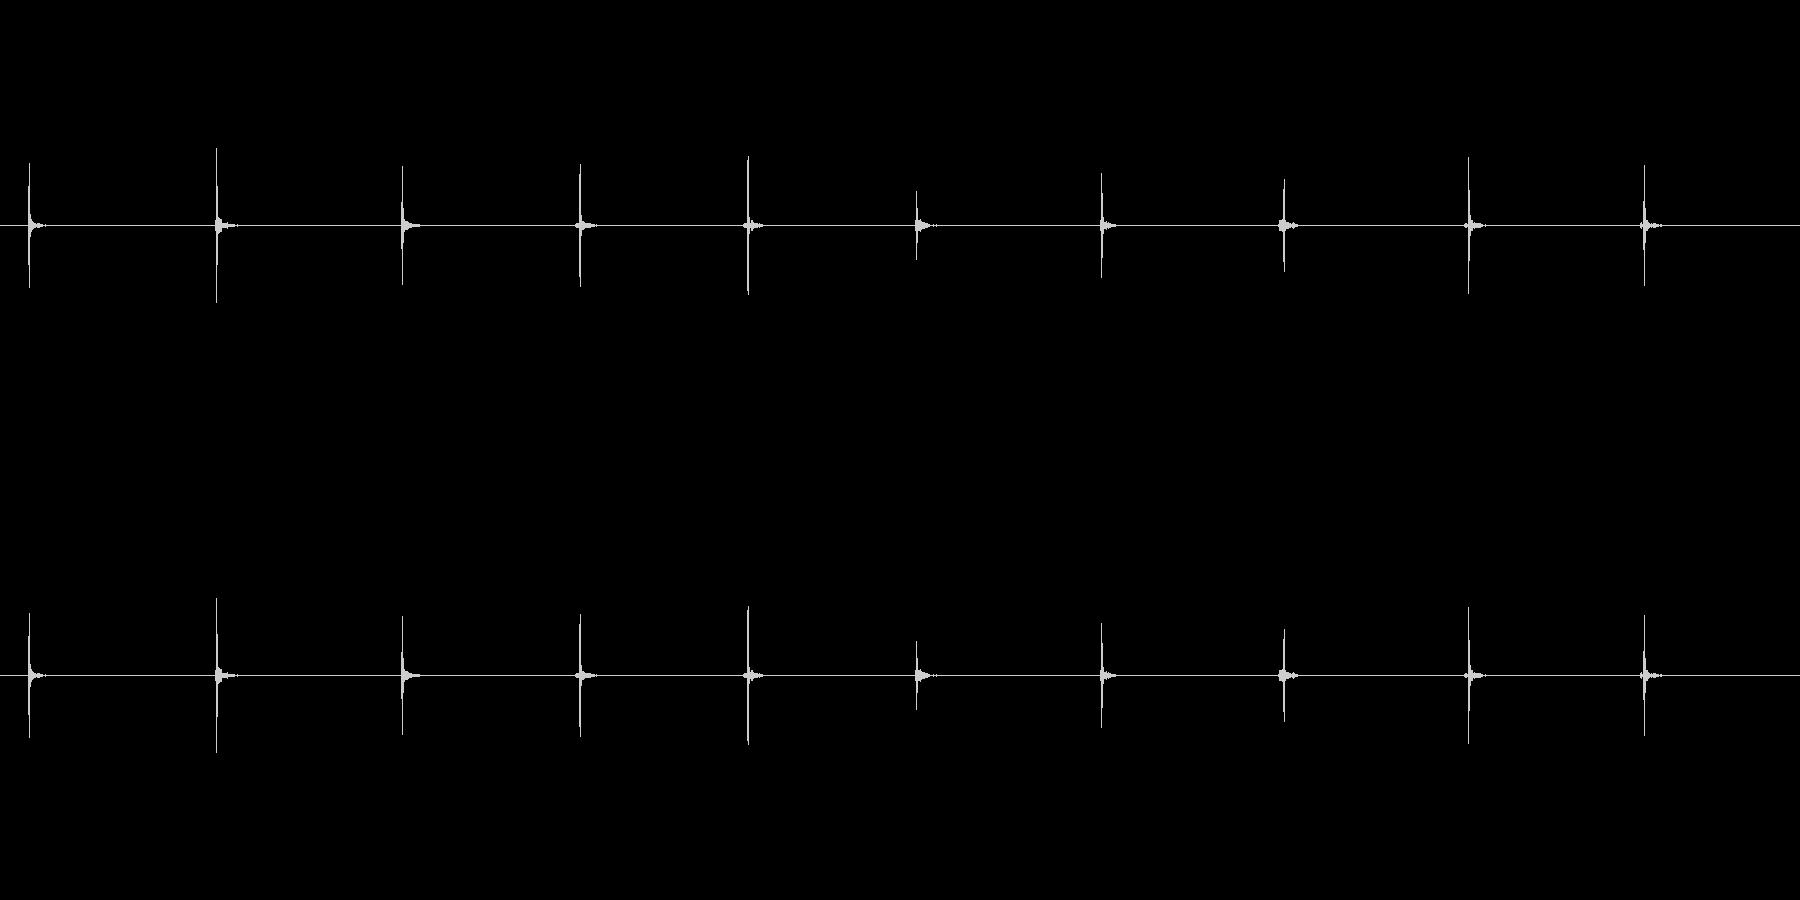 【足音02-3L】の未再生の波形